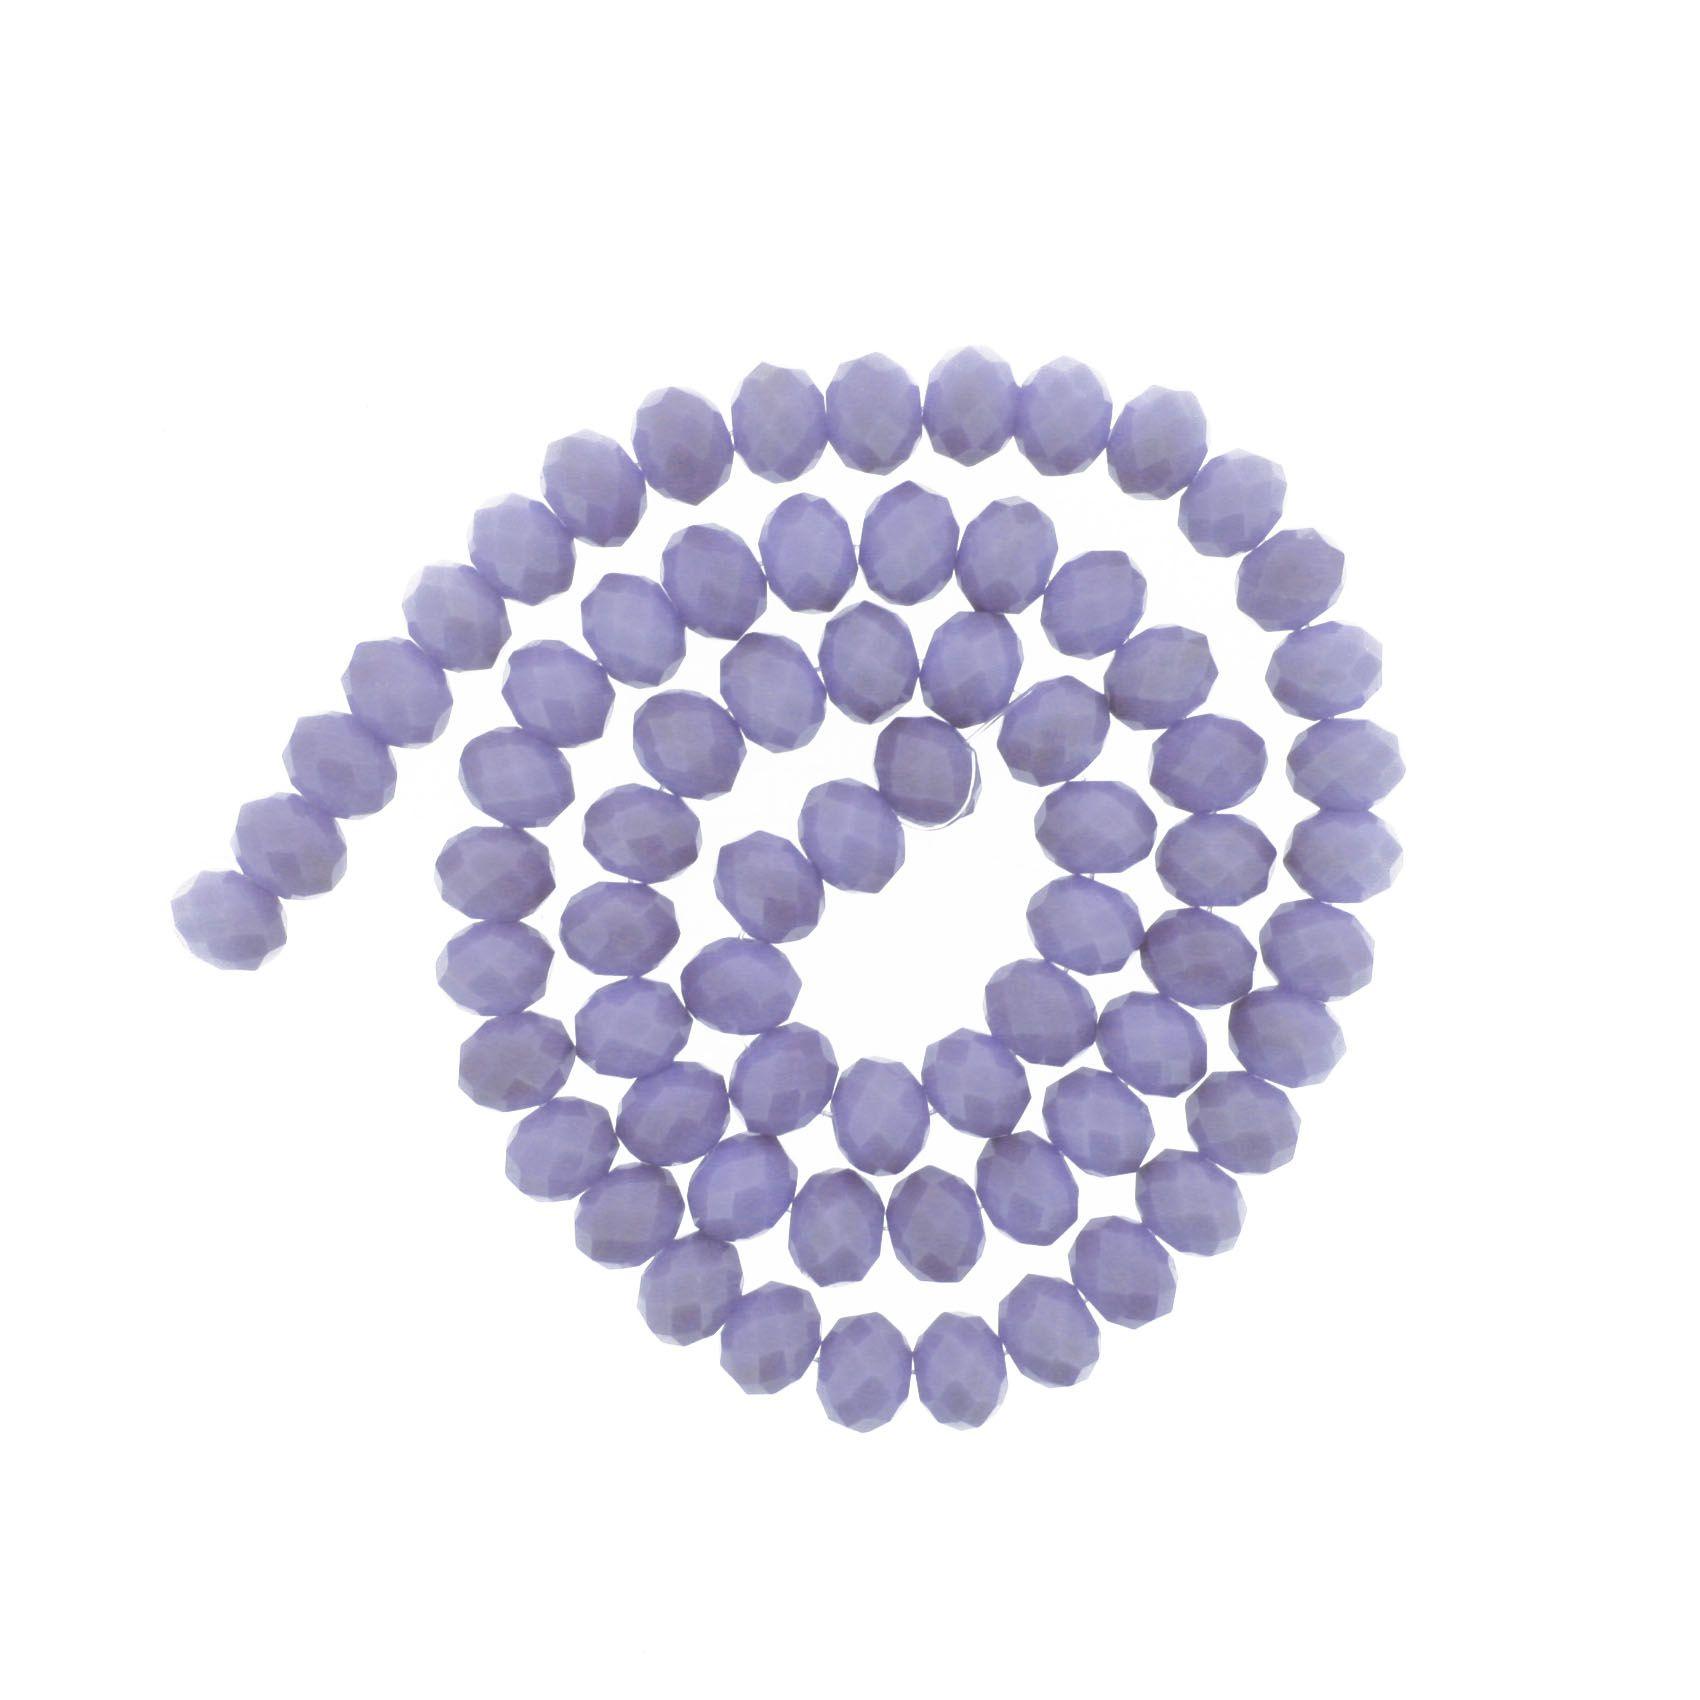 Fio de Cristal - Flat® - Lilás - 8mm  - Stéphanie Bijoux® - Peças para Bijuterias e Artesanato